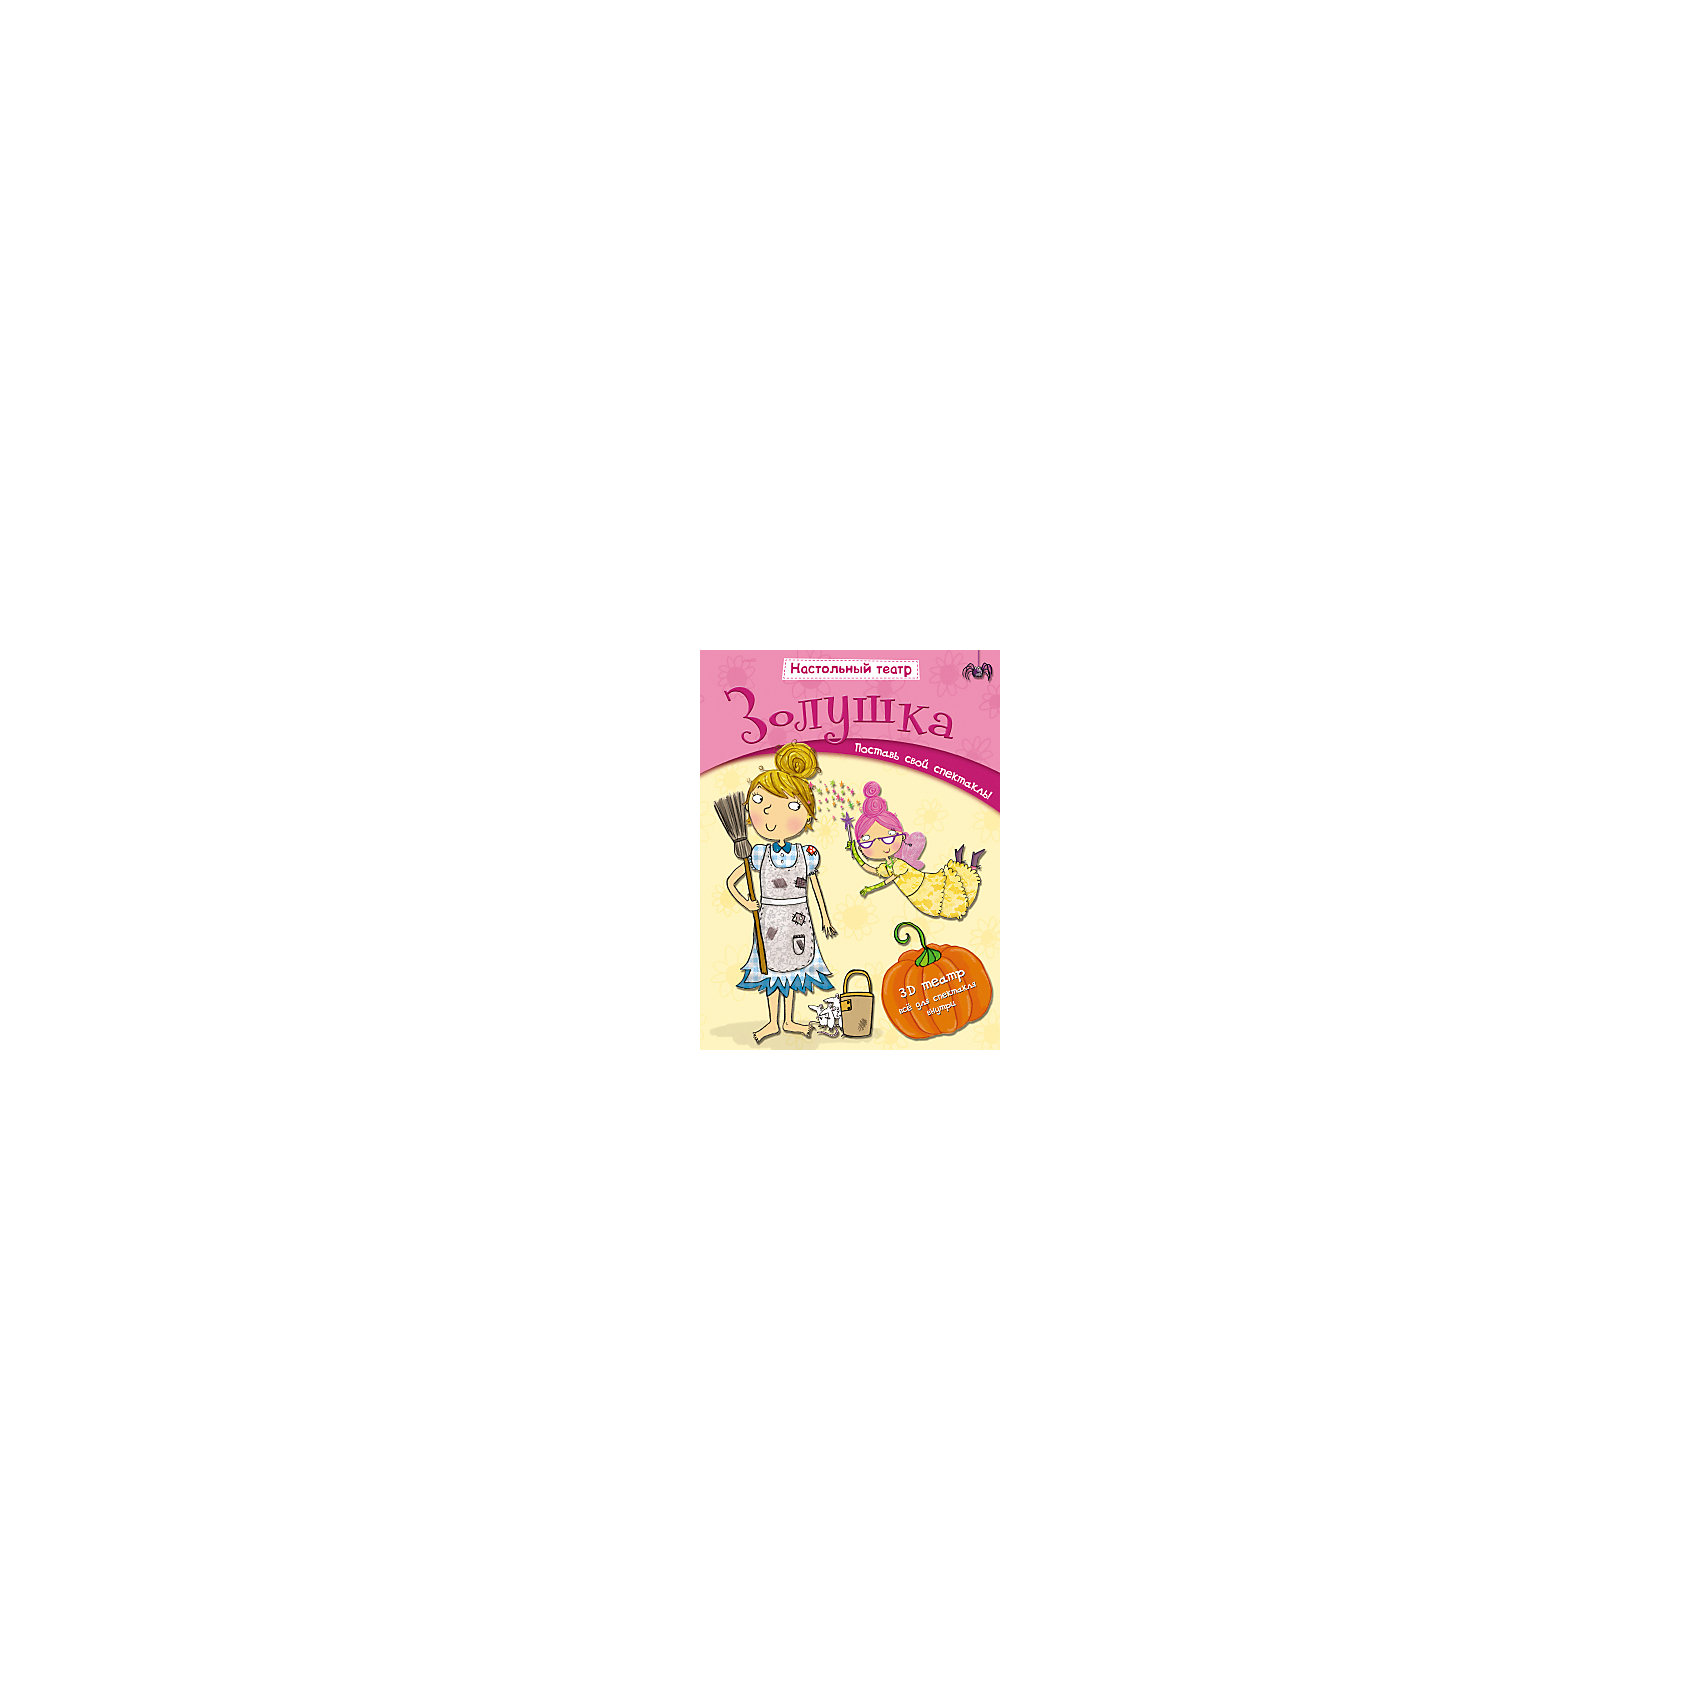 Настольный театр ЗолушкаШарль Перро<br>Настольный театр Золушка<br><br>Характеристики:<br><br>• настоящее театральное представление, не выходя из дома<br>• текстовые карточки <br>• подробная инструкция<br>• в комплекте: персонажи, реквизит, декорации, карточки с текстом, входные билеты<br>• серия: Настольный театр<br>• ISBN: 978-5-43150-538-6<br>• размер упаковки: 28х21х0,5 см<br>• вес: 204 грамма<br><br>Настольный театр Золушка позволит ребёнку устроить настоящее представление по мотивам сказки. Для этого нужно достать фигурки главных героев и реквизит, установить декорации. В комплекте есть входные билеты, чтобы вы могли пригласить друзей на представление. Карточки с текстом помогут ребёнку не запутаться в сюжетной линии. Устройте настоящий 3D театр у себя дома!<br><br>Настольный театр Золушка вы можете купить в нашем интернет-магазине.<br><br>Ширина мм: 5<br>Глубина мм: 210<br>Высота мм: 280<br>Вес г: 204<br>Возраст от месяцев: 36<br>Возраст до месяцев: 84<br>Пол: Женский<br>Возраст: Детский<br>SKU: 5362926